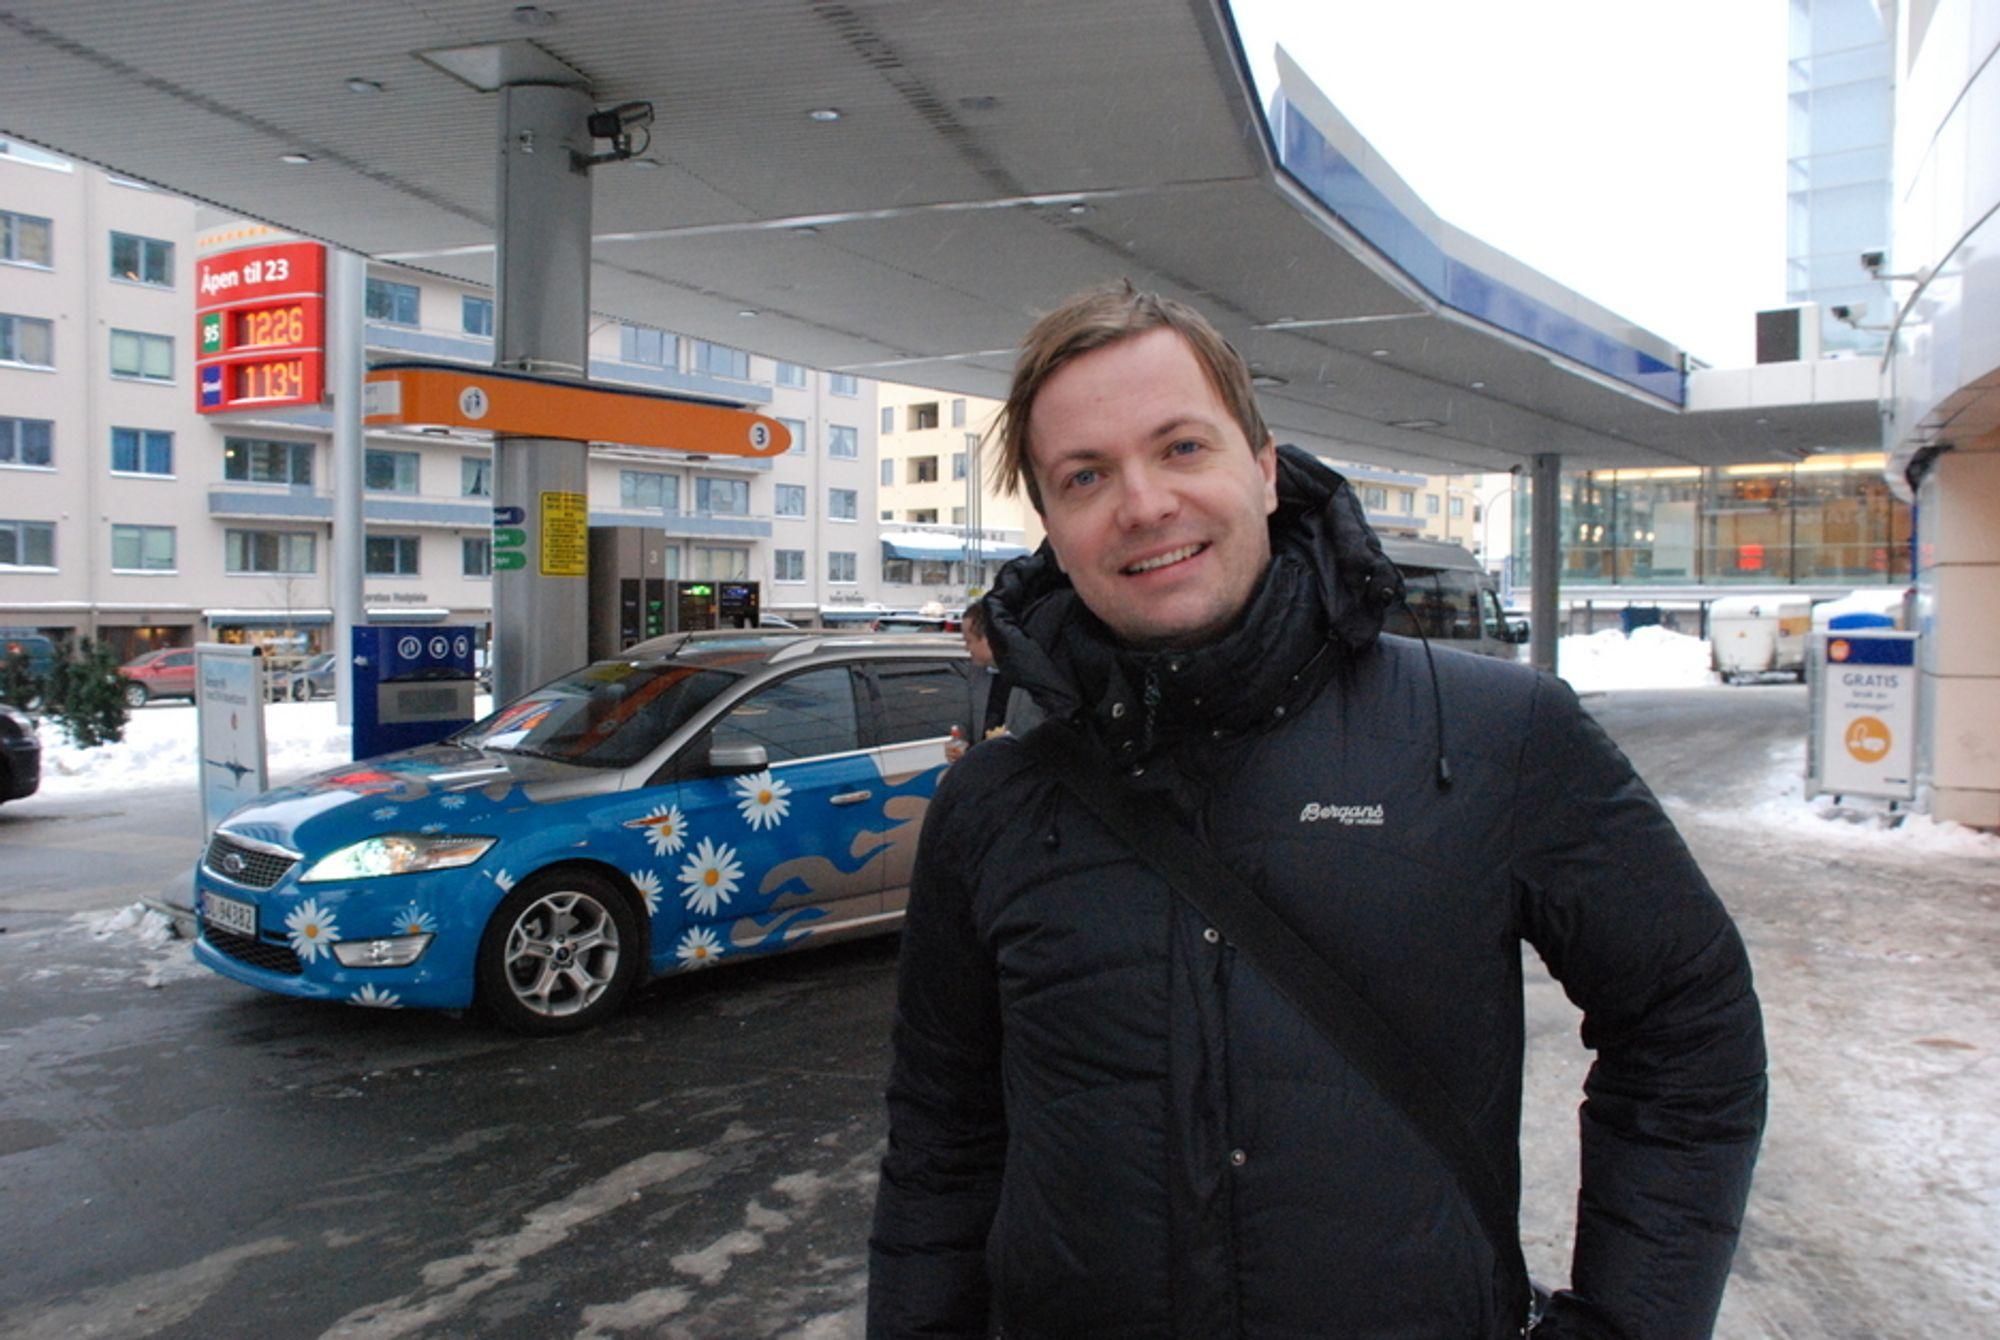 FORNØYD MED STATOIL: - Statoil gjør dette på tross av Jens, sier Einar Håndlykken i Zero. Han er fornøyd med at Statoil nå blander inn fem prosent bioetanol inn i vanlig bensin.